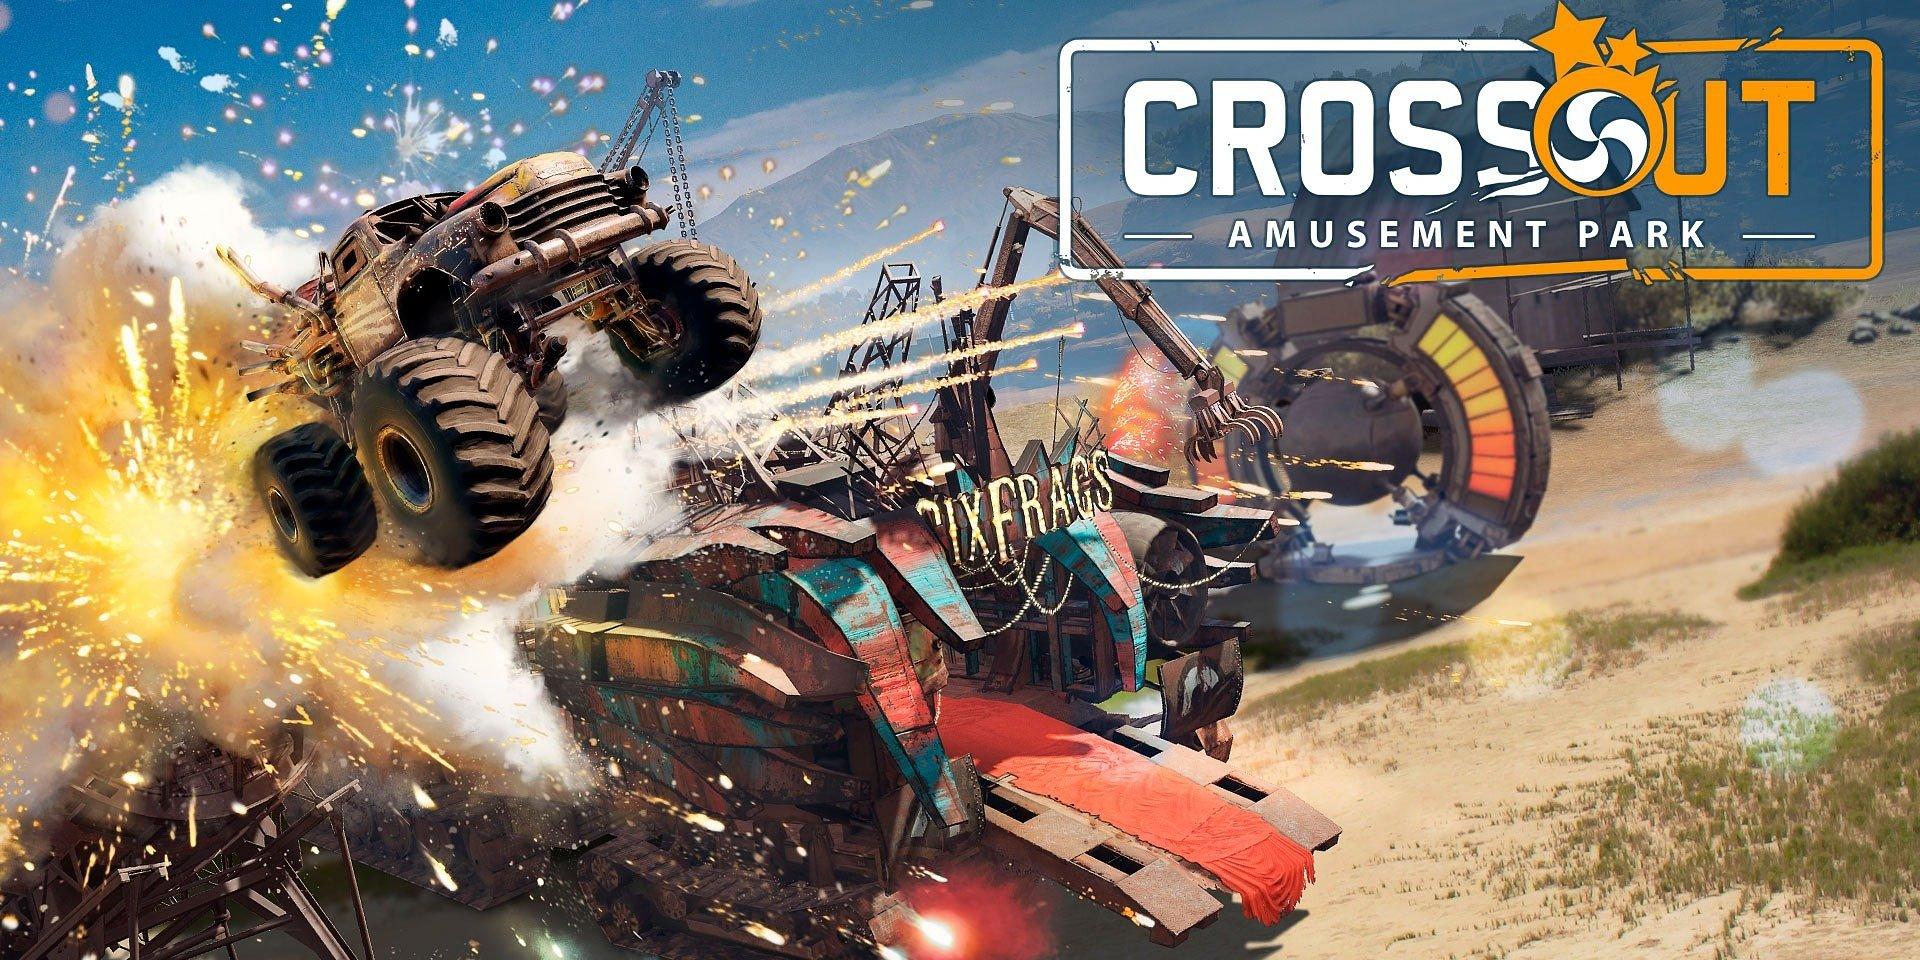 Zbuduj własny park rozrywki w postapokaliptycznym świecie Crossout